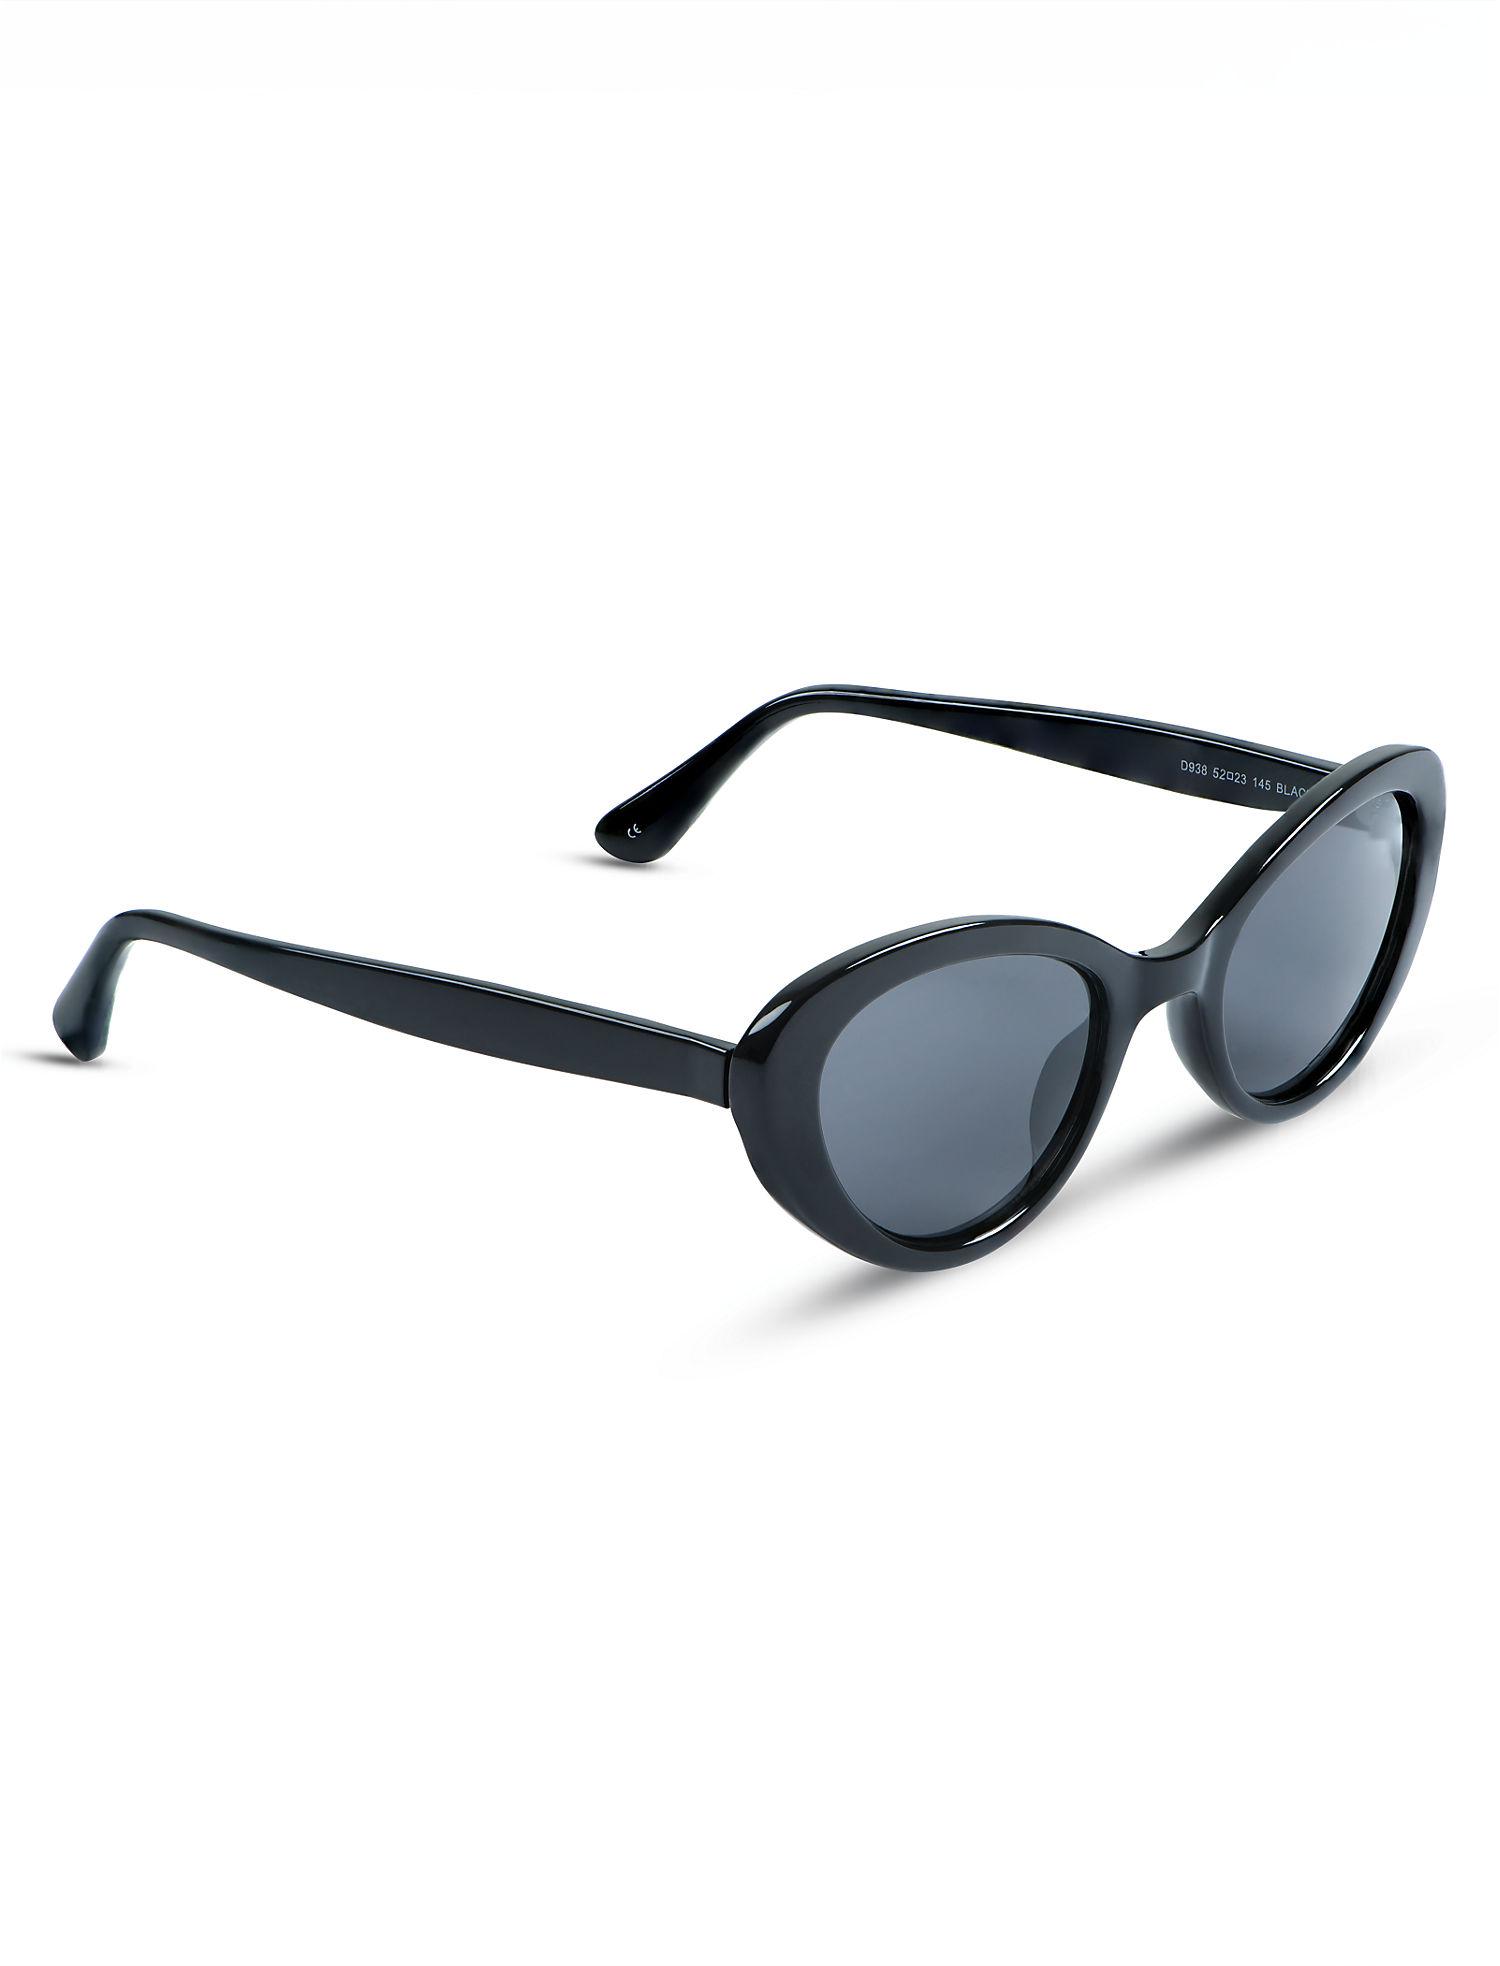 Brand SunglassesEbay Frances SunglassesEbay Lucky Lucky Frances Lucky Brand Onkw0X8P